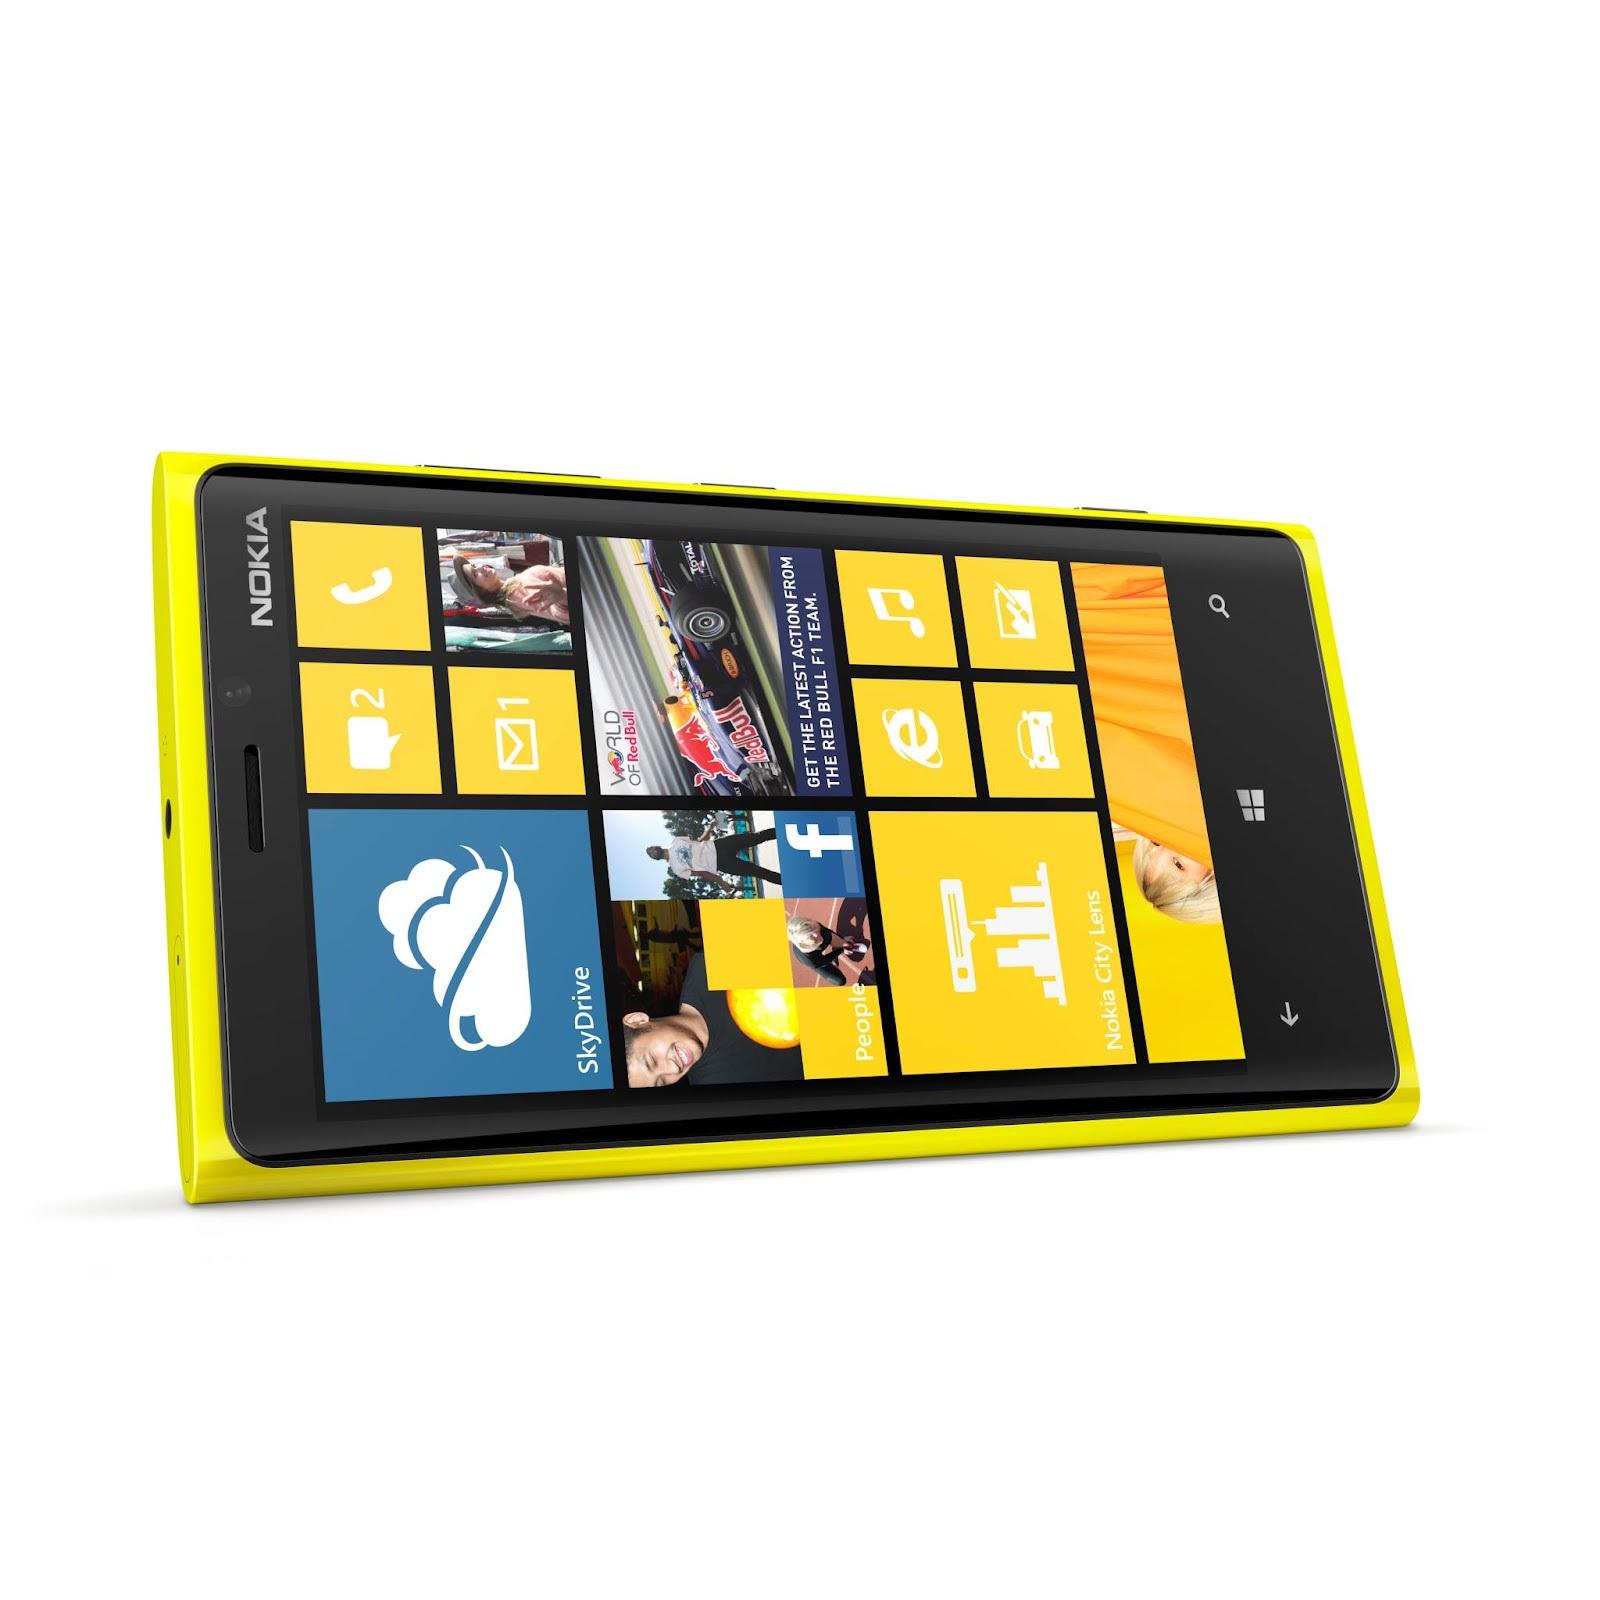 wallpaper nokia lumia 920 - photo #9